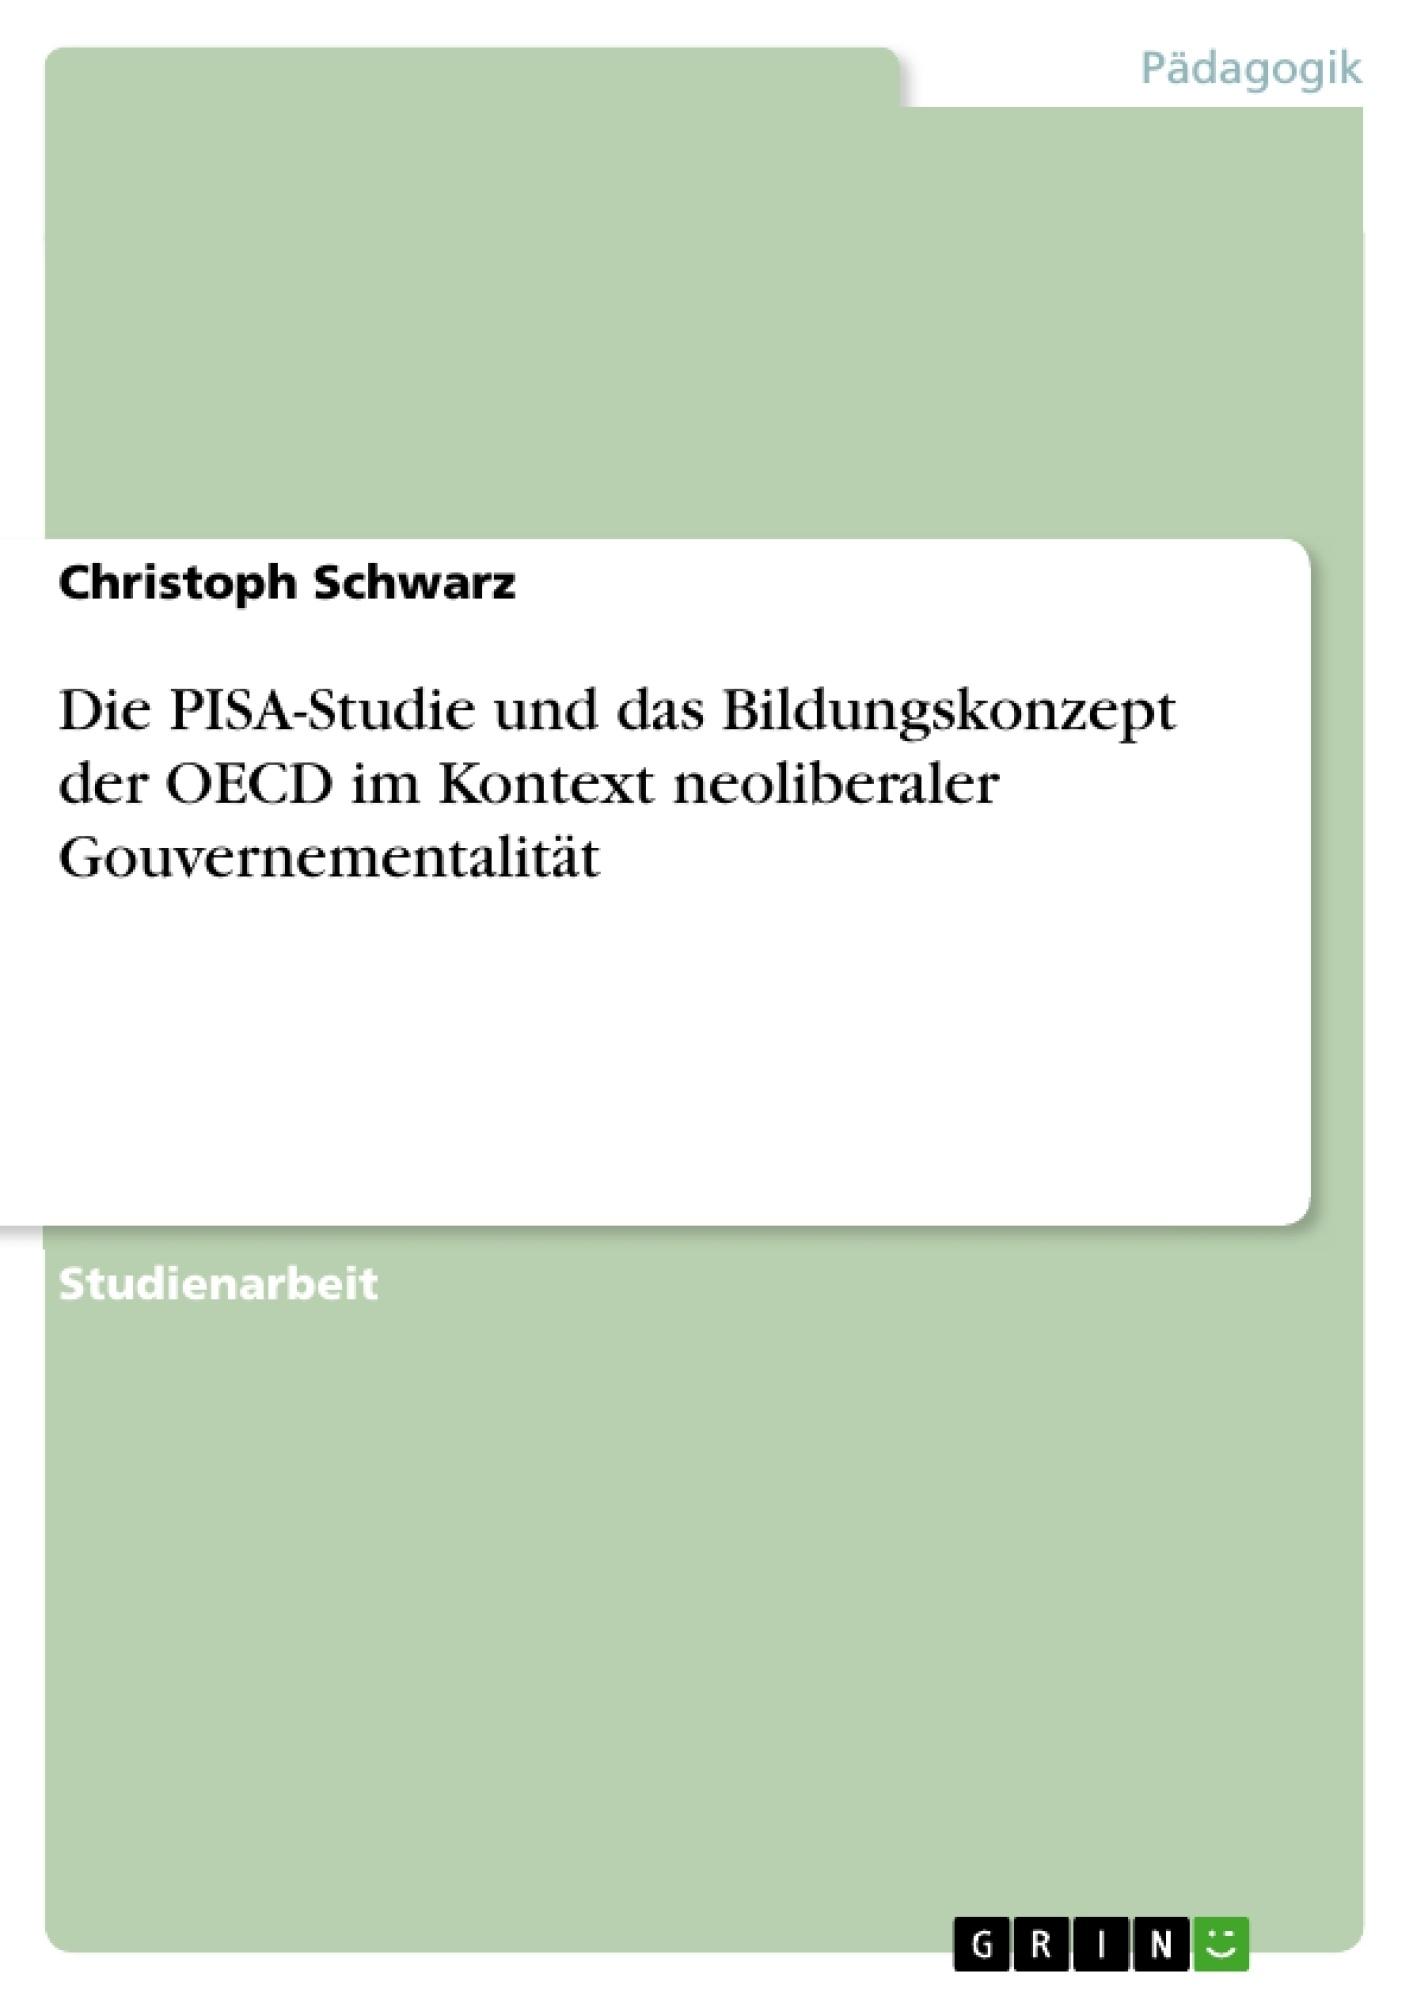 Titel: Die PISA-Studie und das Bildungskonzept der OECD im Kontext neoliberaler Gouvernementalität